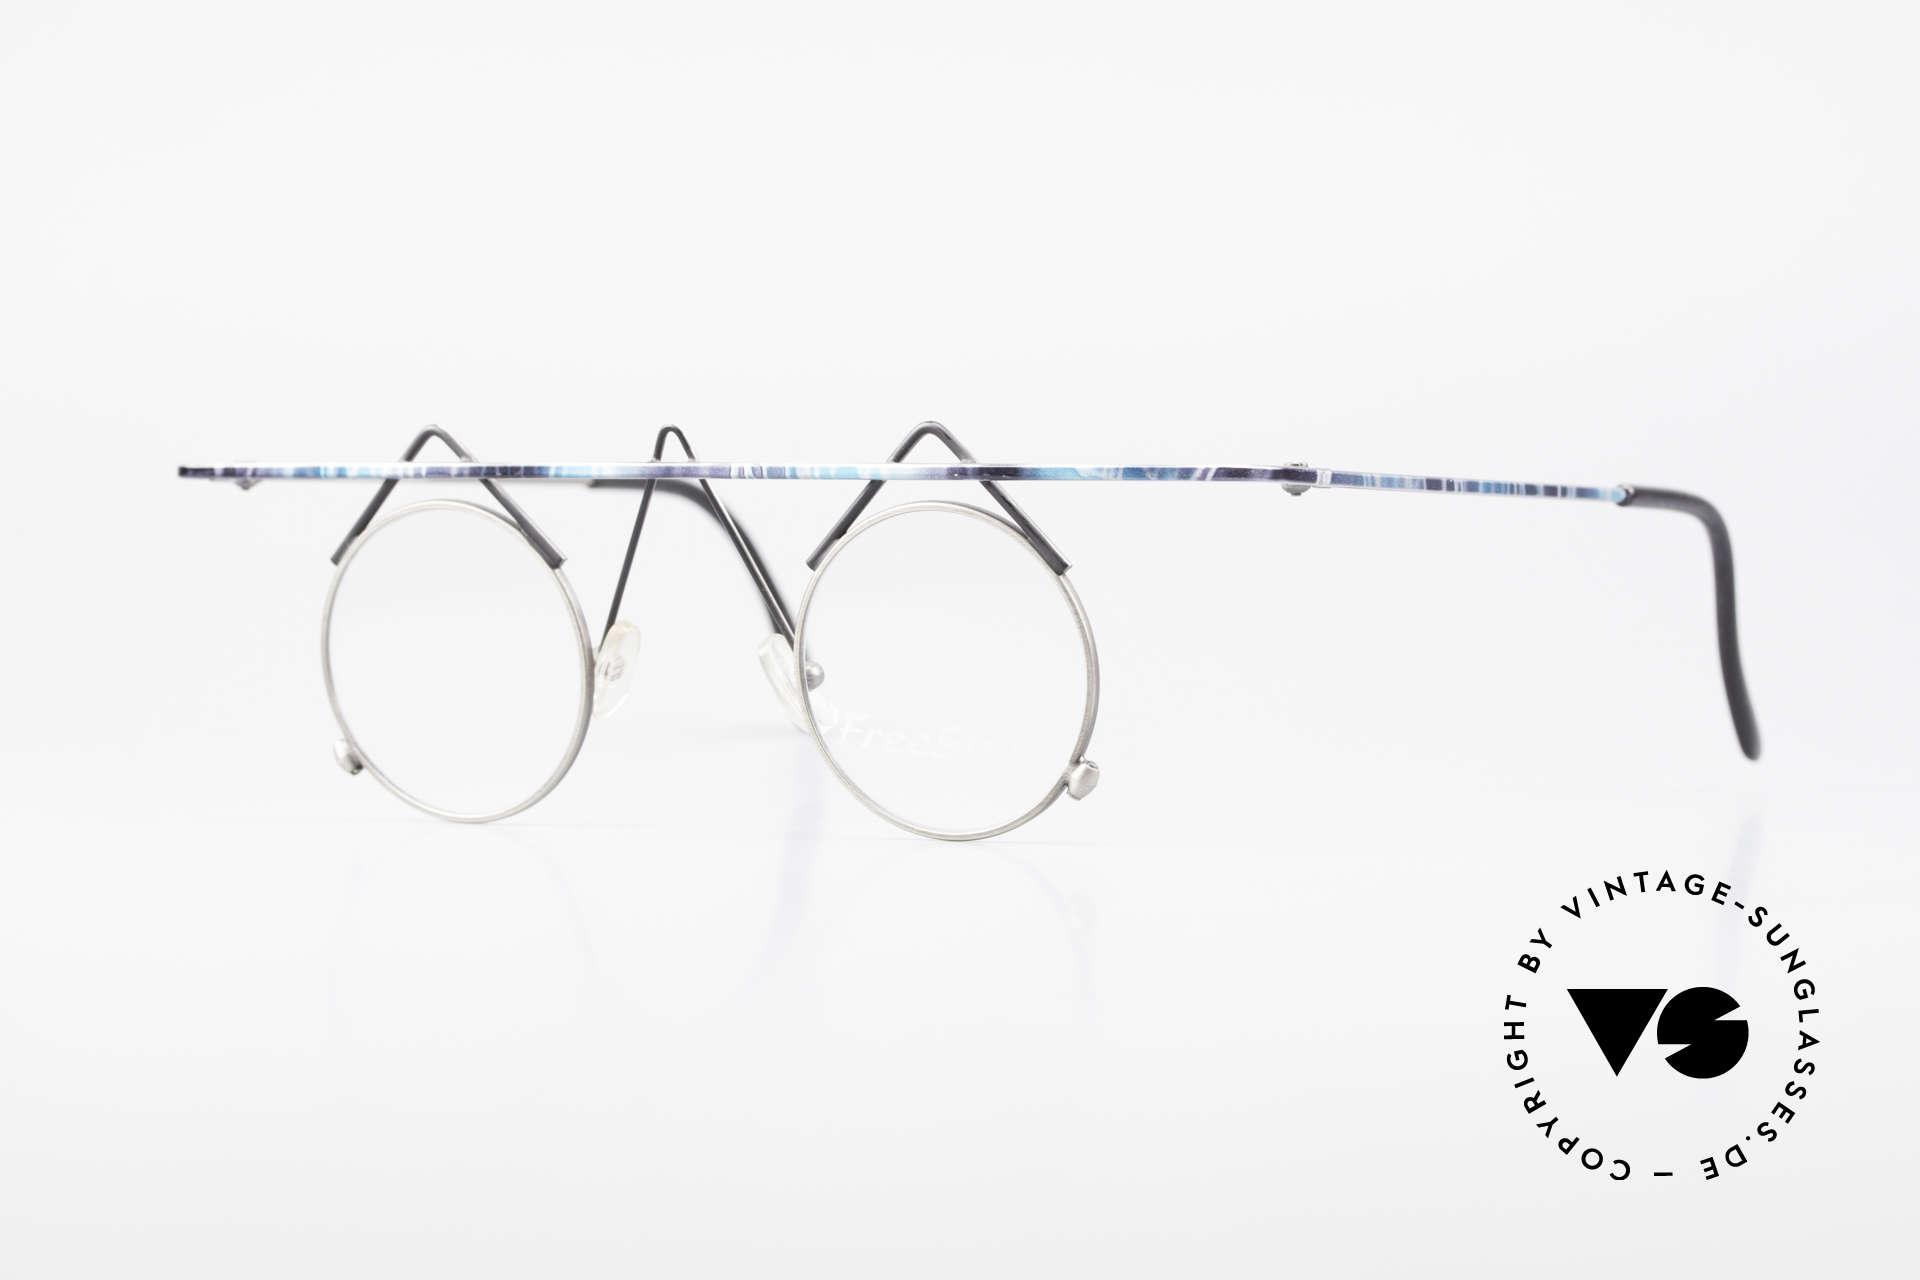 Argenta Crazy 705 Verrückte Vintage Fassung, Argenta CRAZY Brille: der Name sagt eigentlich alles, Passend für Damen